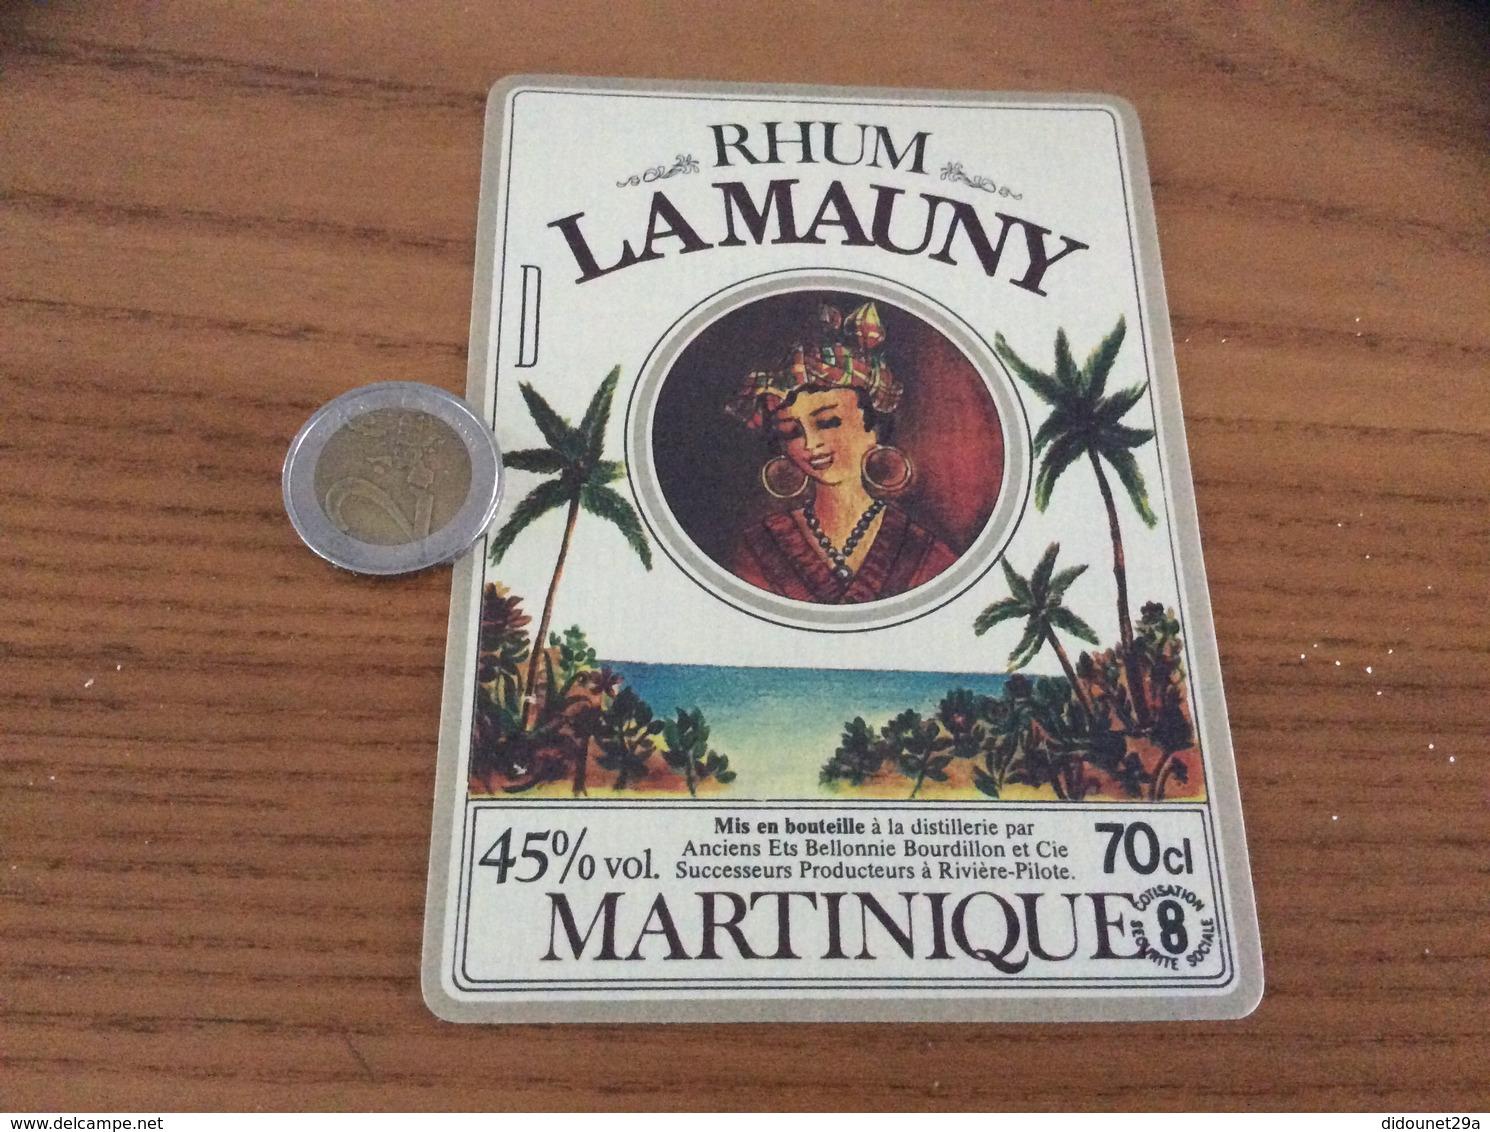 Etiquette 45% «RHUM - LA MAUNY - MARTINIQUE - Anciens Ets Bellonnie Bourdillon Et Cie - Rivière-Pilote» - Rhum